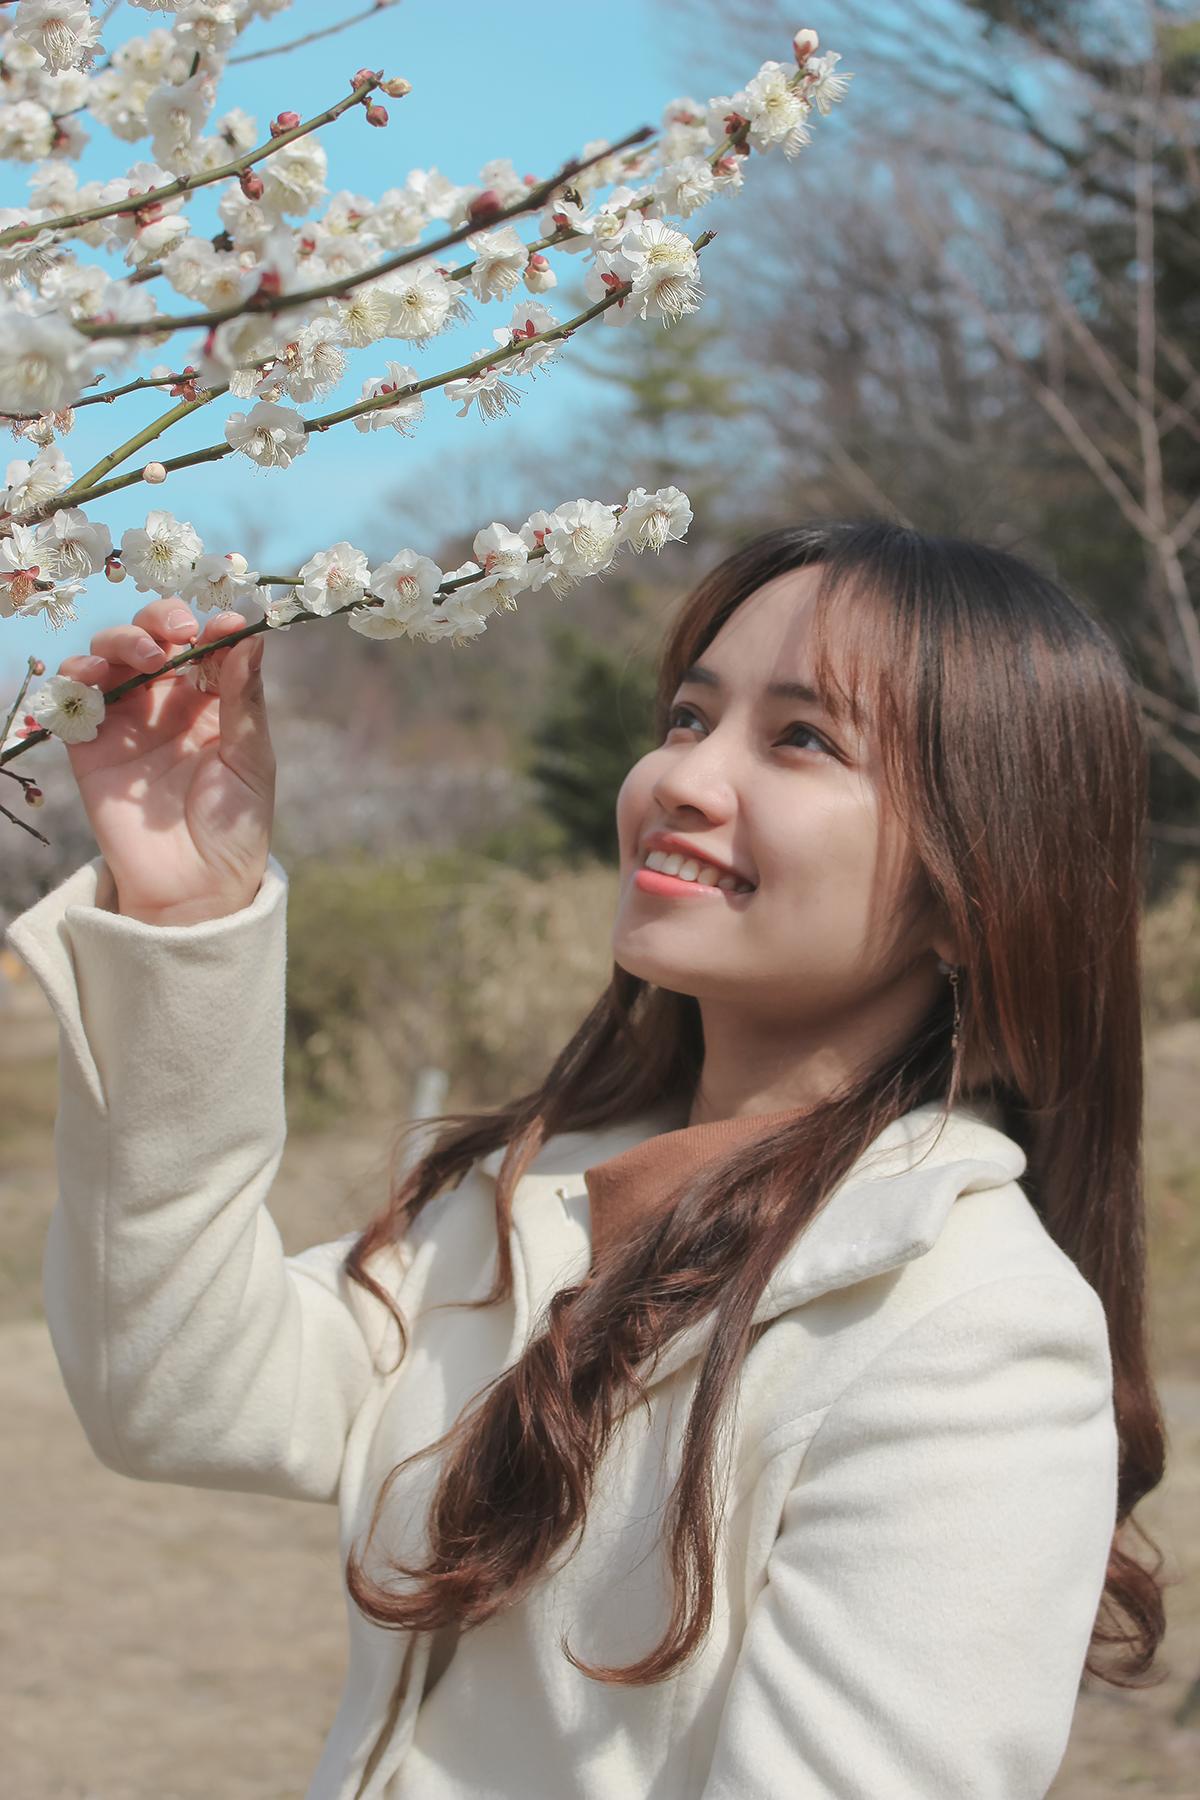 """Lê Phương Linh sinh năm 1992, gia nhập FPT Software Đà Nẵng vào tháng 7/2014. Đếm tháng 4/2018, cô gái quyết định chuyển sang FPT Japan. """"Đây là một quyết định khó khăn nhưng không kém phần thú vị, bởi Nhật Bản có nhiều điều để bản thân khám phá"""", Linh chia sẻ."""